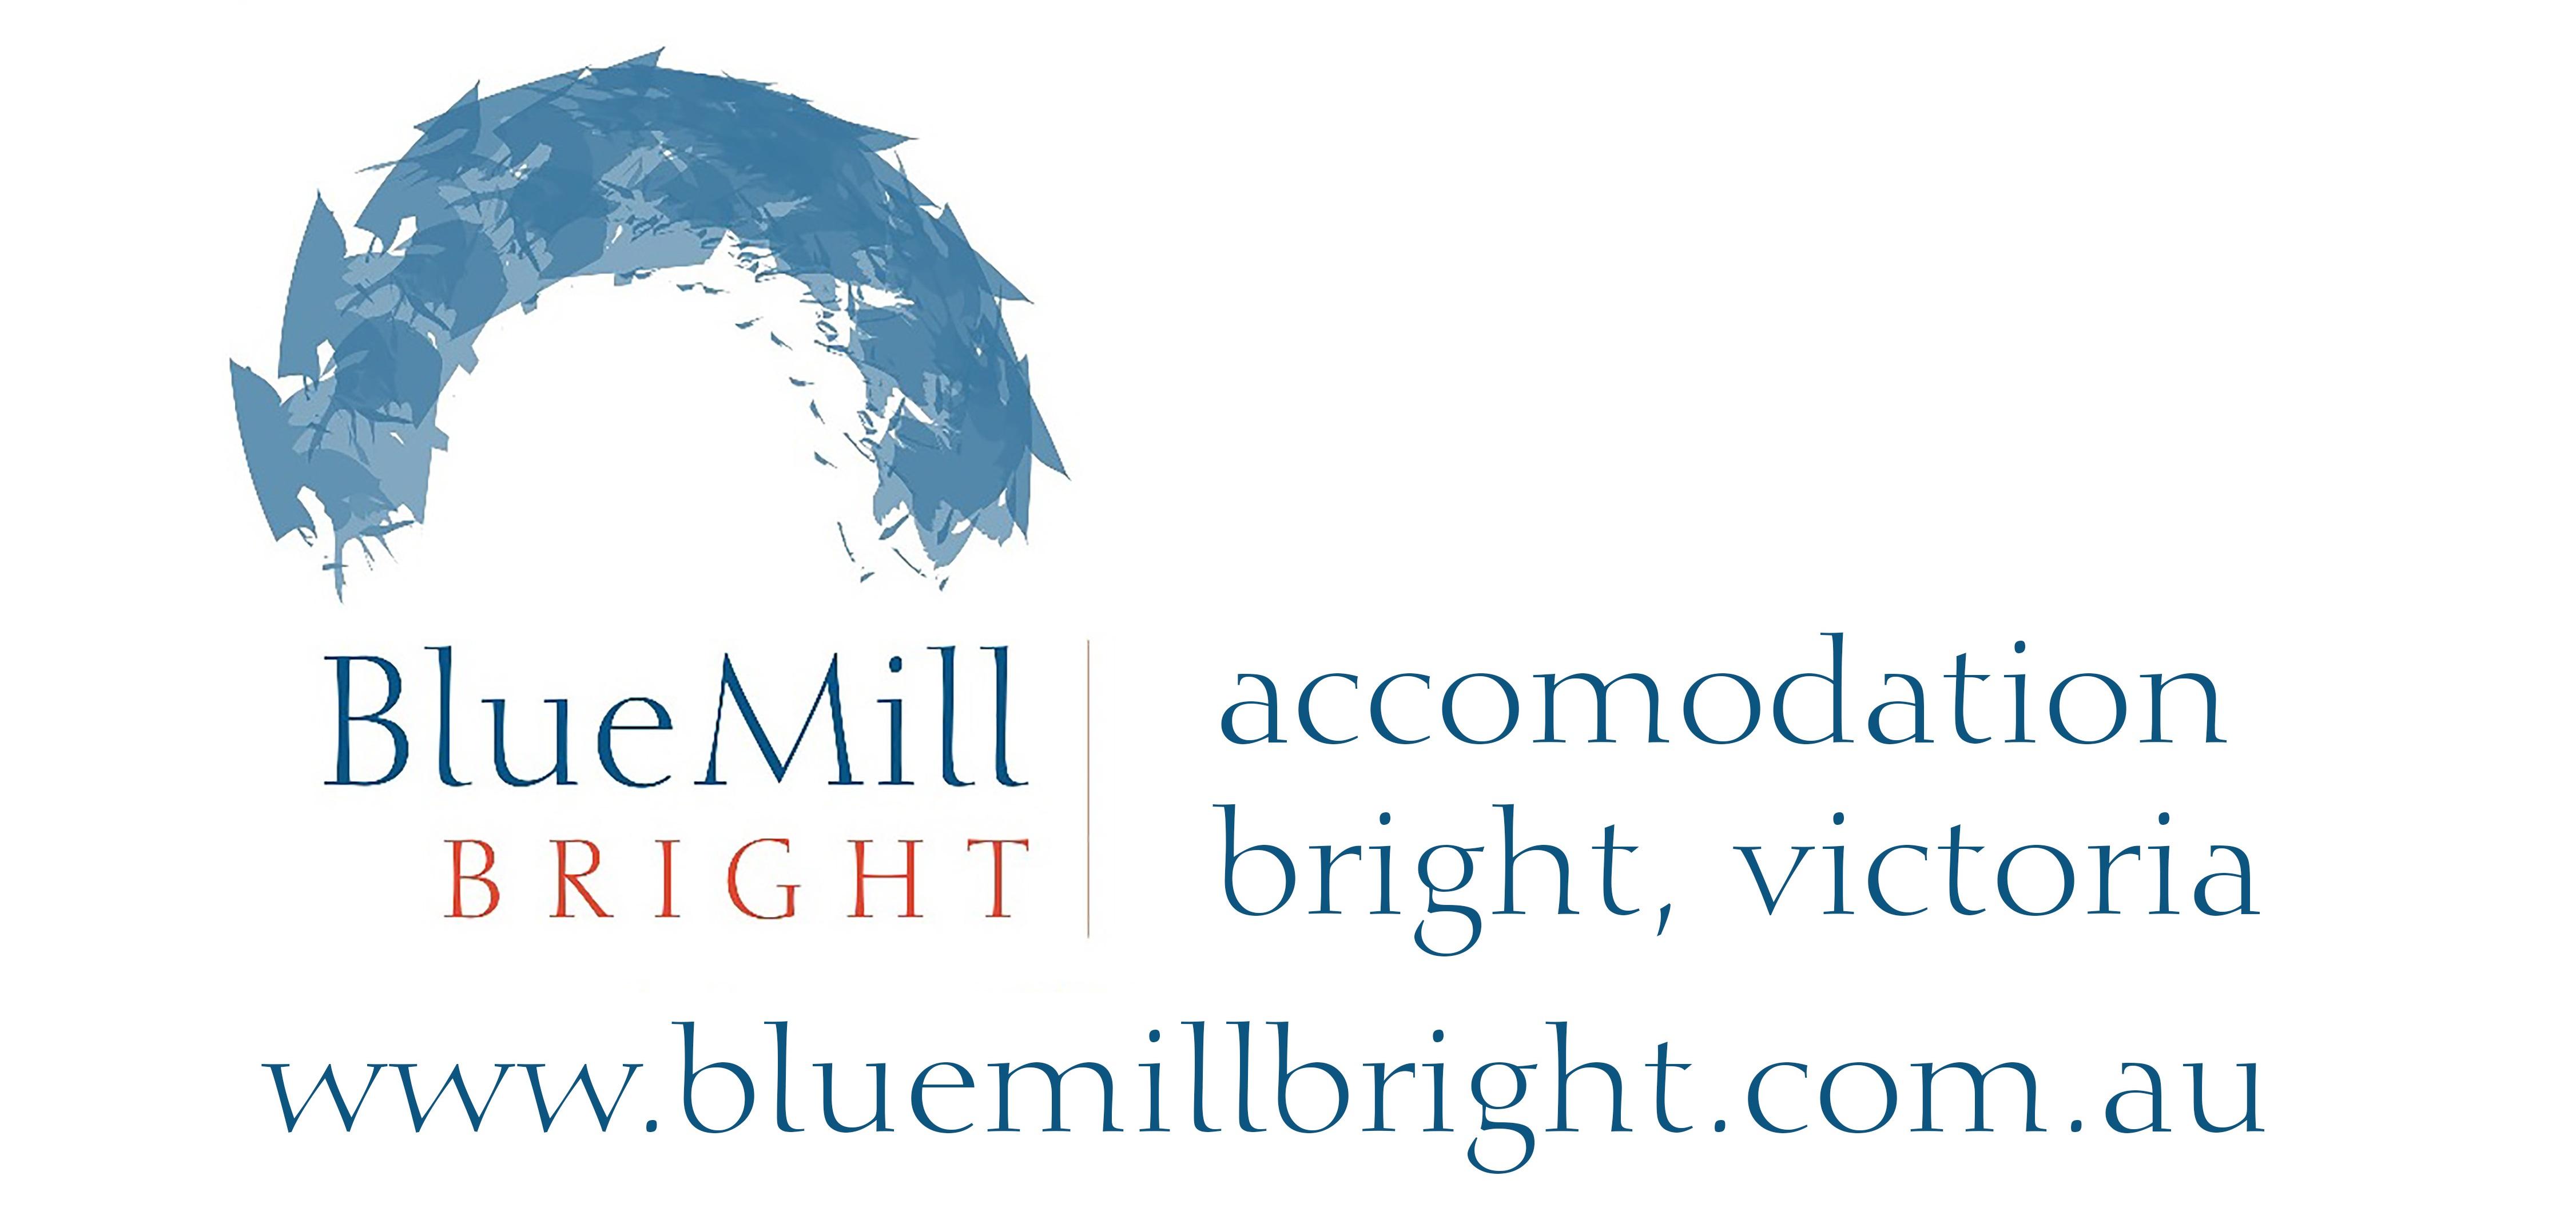 BlueMill Bright Accommodation